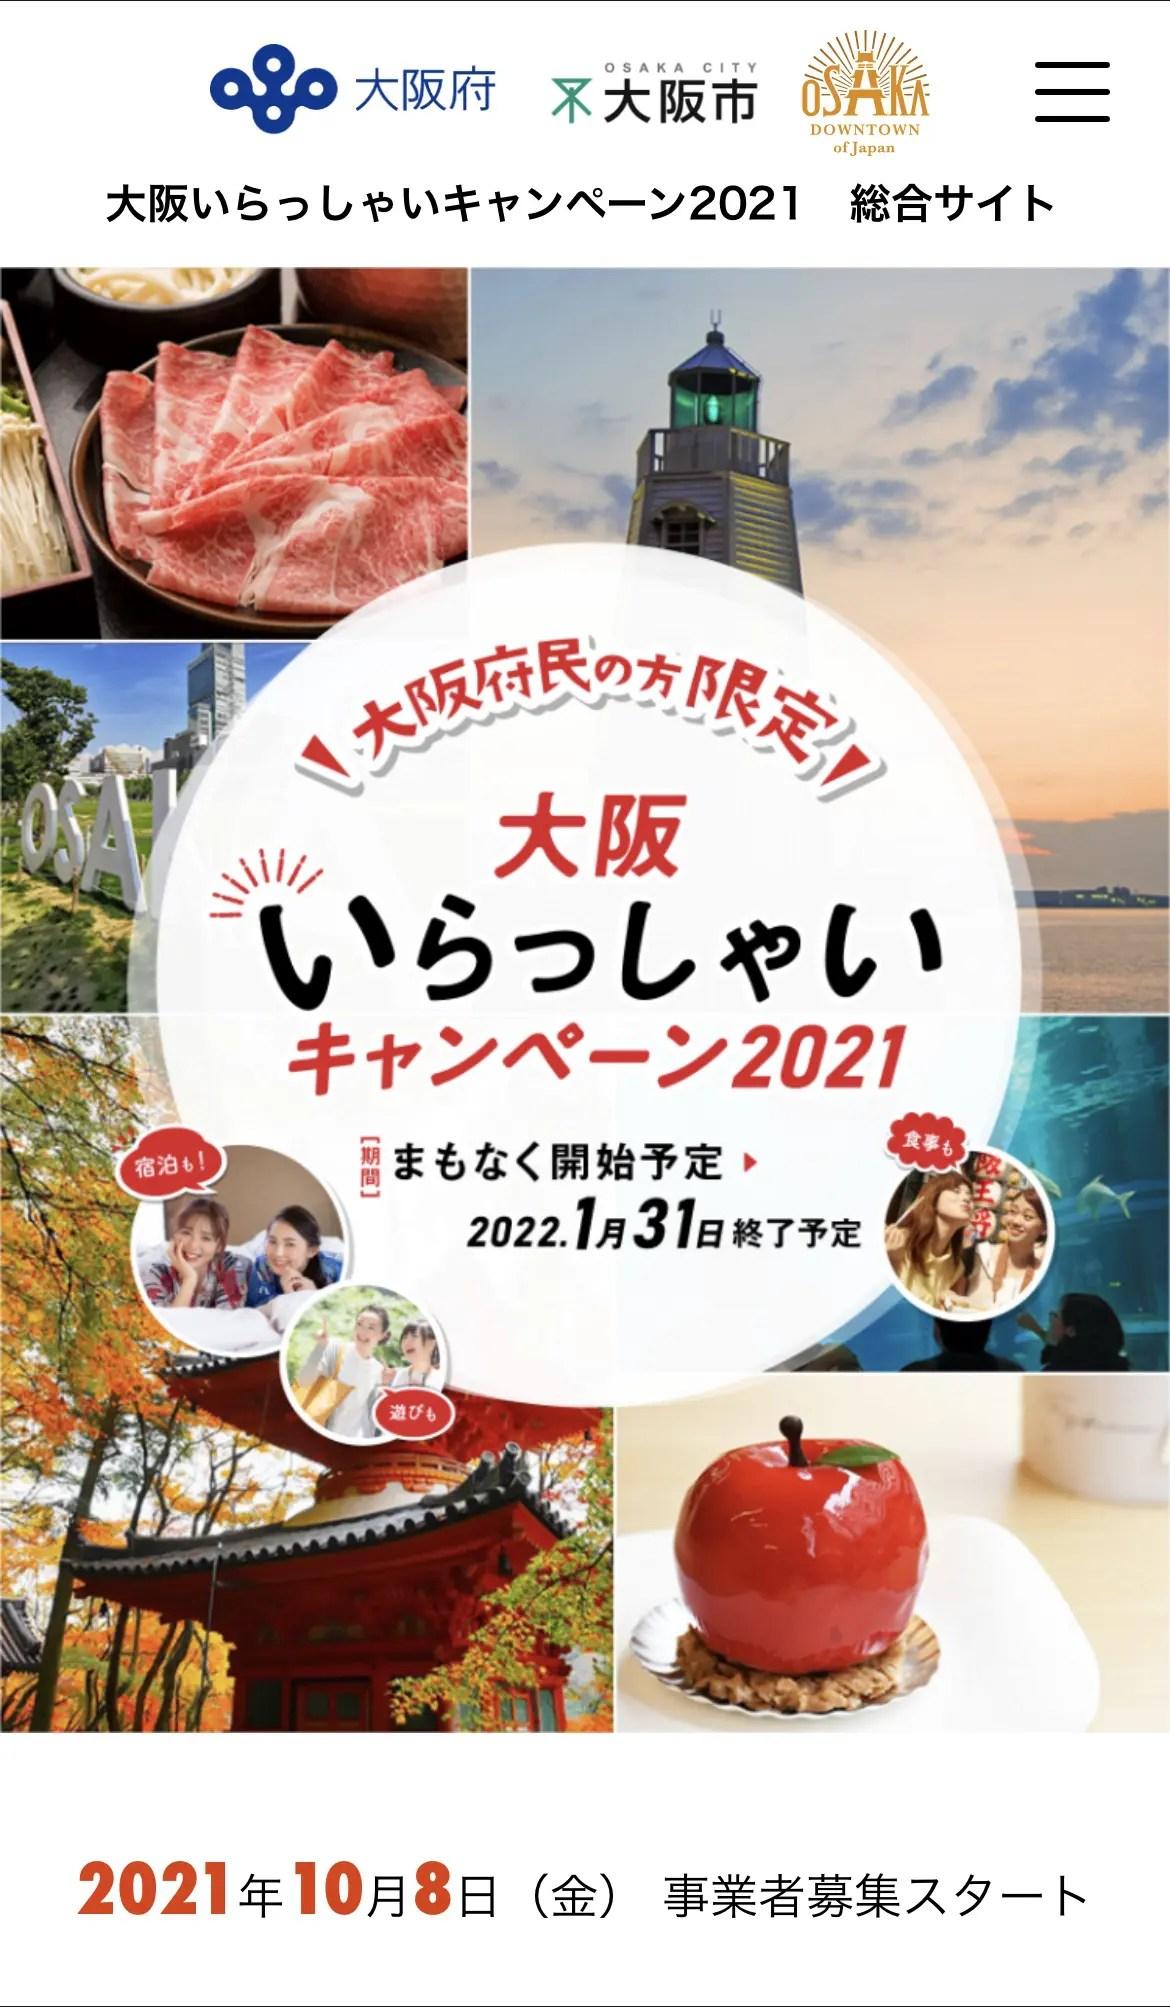 昨年とどこが違う?大阪いらっしゃいキャンペーン2021の内容は?